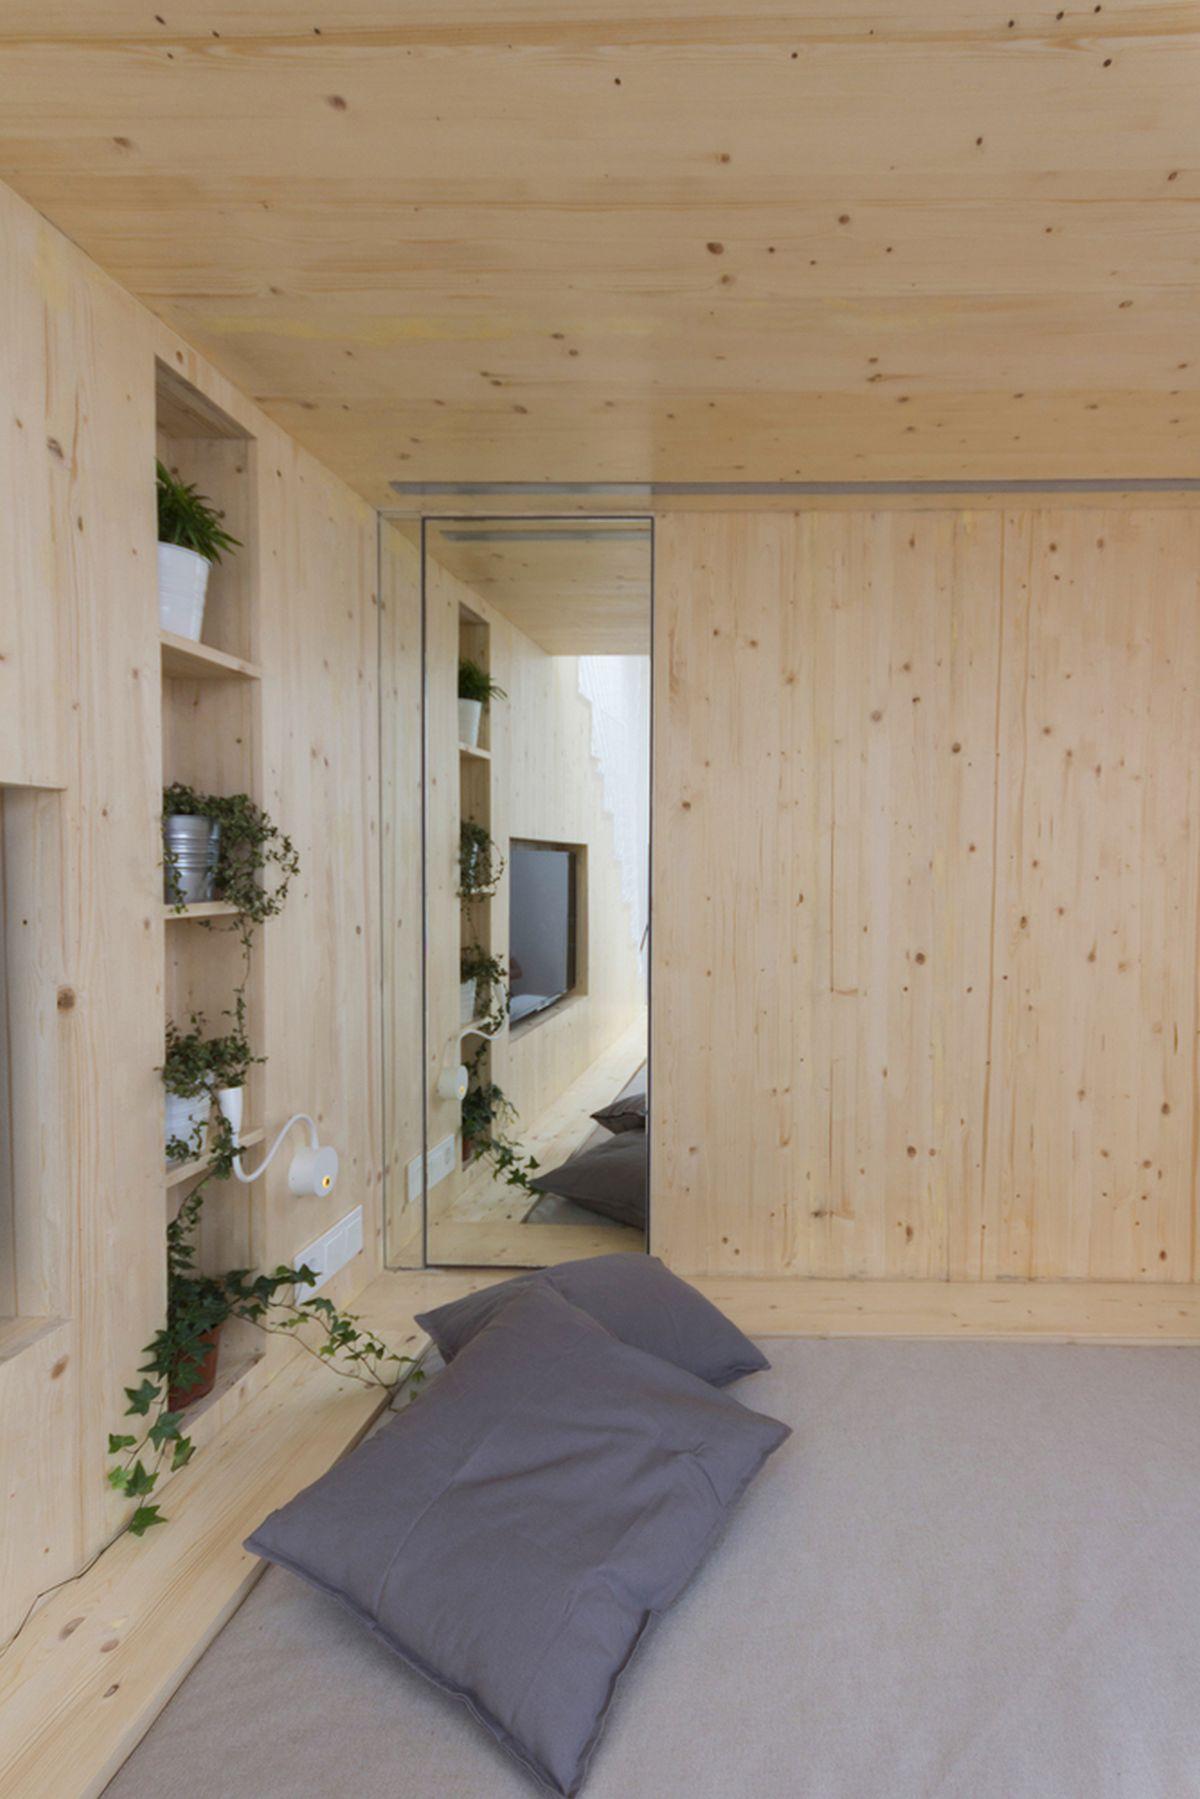 Een super klein familie appartement van 20m2!